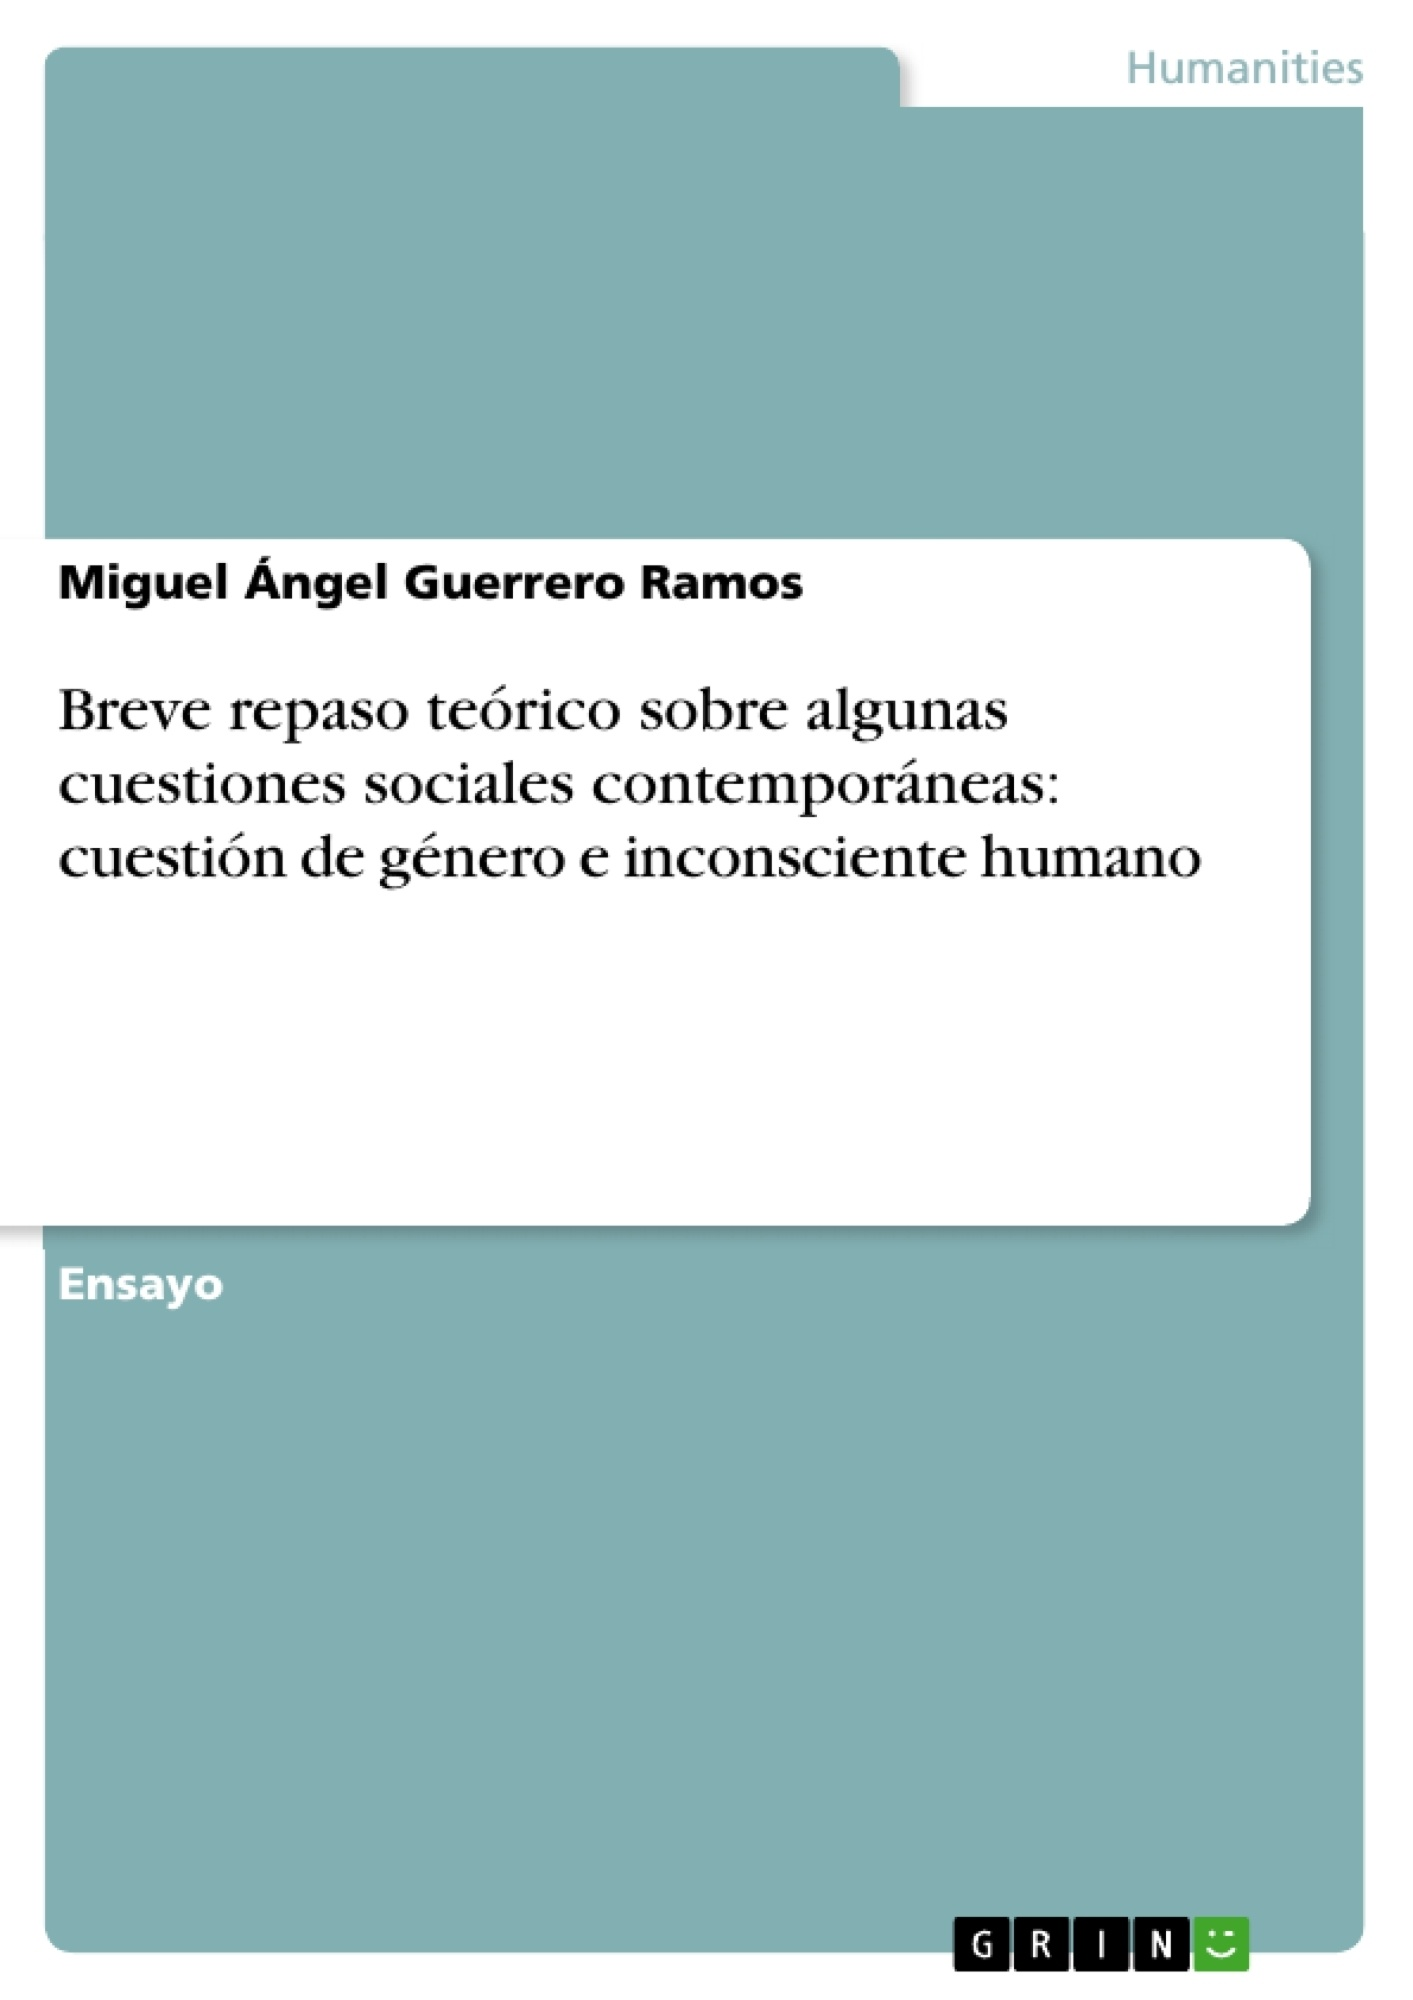 Título: Breve repaso teórico sobre algunas cuestiones sociales contemporáneas: cuestión de género e inconsciente humano